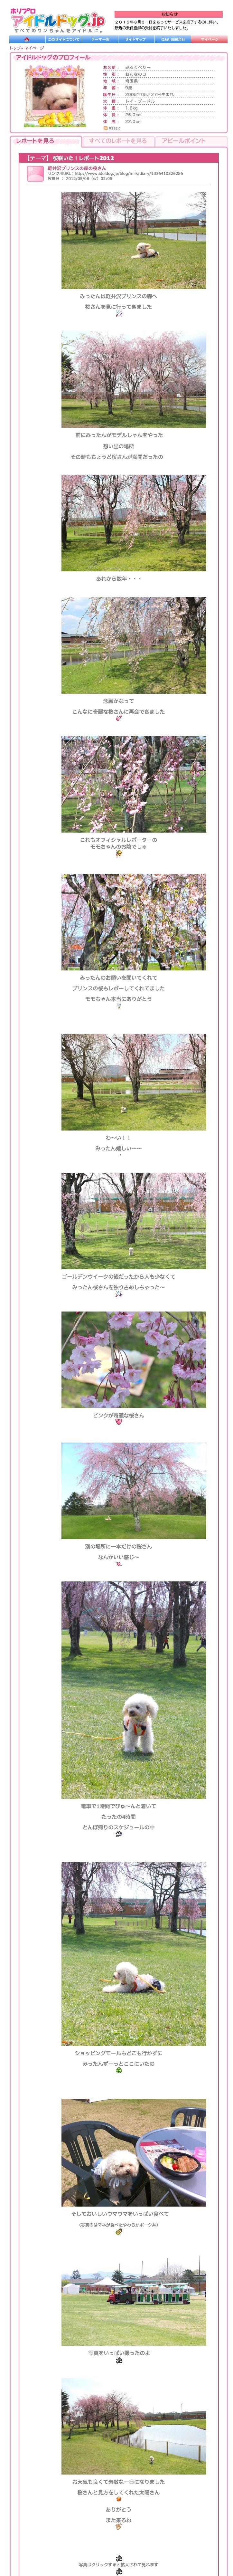 軽井沢プリンスの森の桜さん